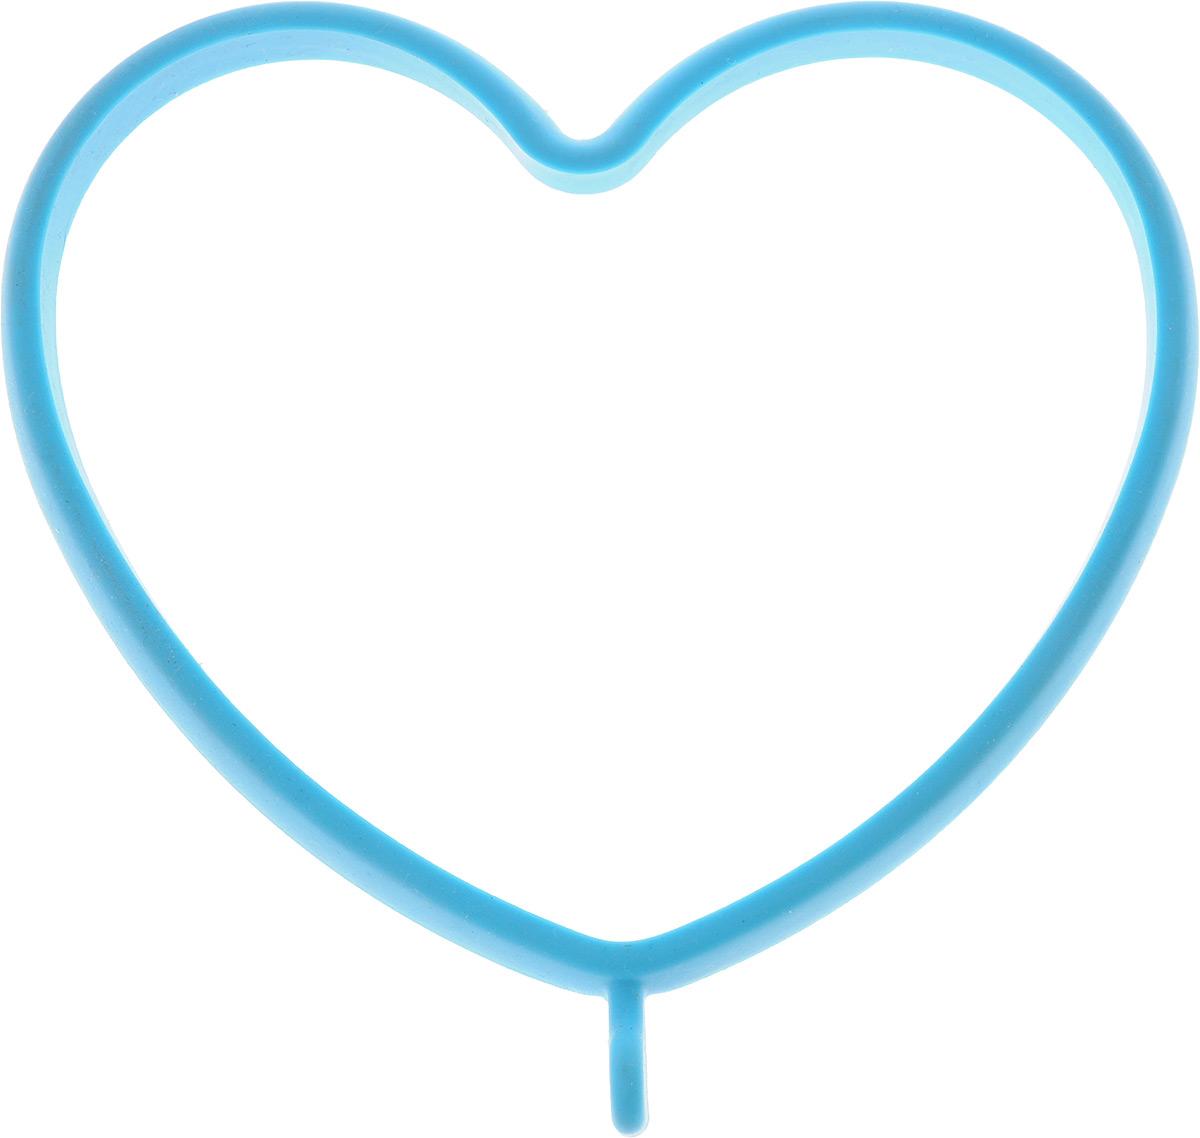 Форма для яичницы Oursson Сердце, цвет: голубой, 13,5 х 13 смATV517Форма для яичницы Oursson Сердце, выполненная из жаростойкого силикона, подходит для приготовления яичницы, омлета, оладий. Она добавит оригинальности обычным блюдам и особенно понравится детям. Форма не повреждает антипригарное покрытие сковород. Выдерживает температуру от -20°С до +220°С. Для получения идеального результата рекомендуется использовать ее на ровной поверхности сковороды.